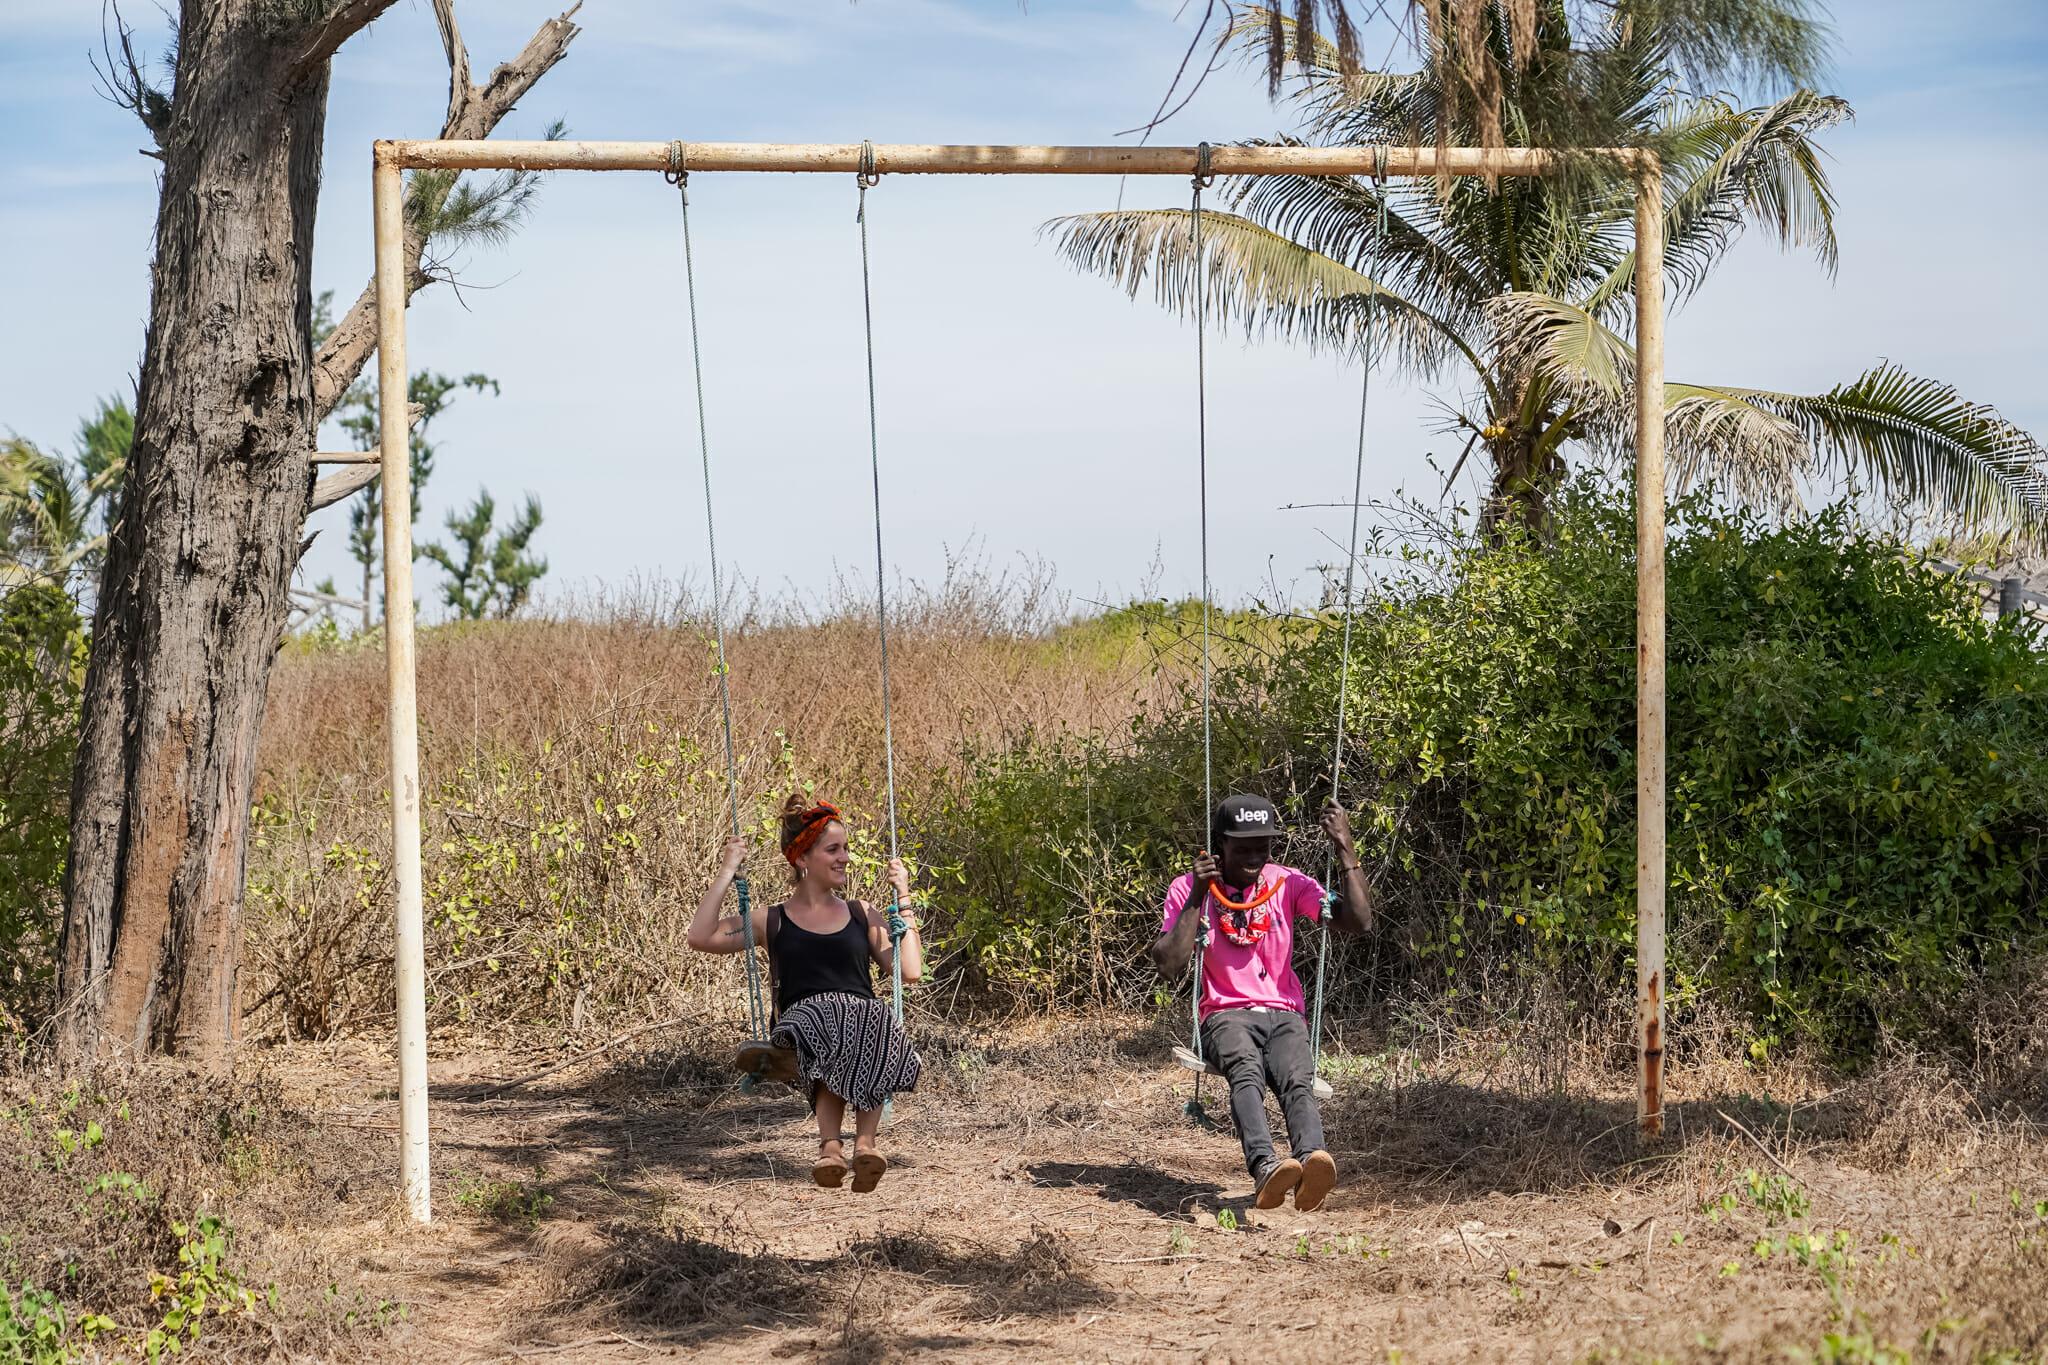 Maryne et un ami sénégalais en plein échange sur une balançoire